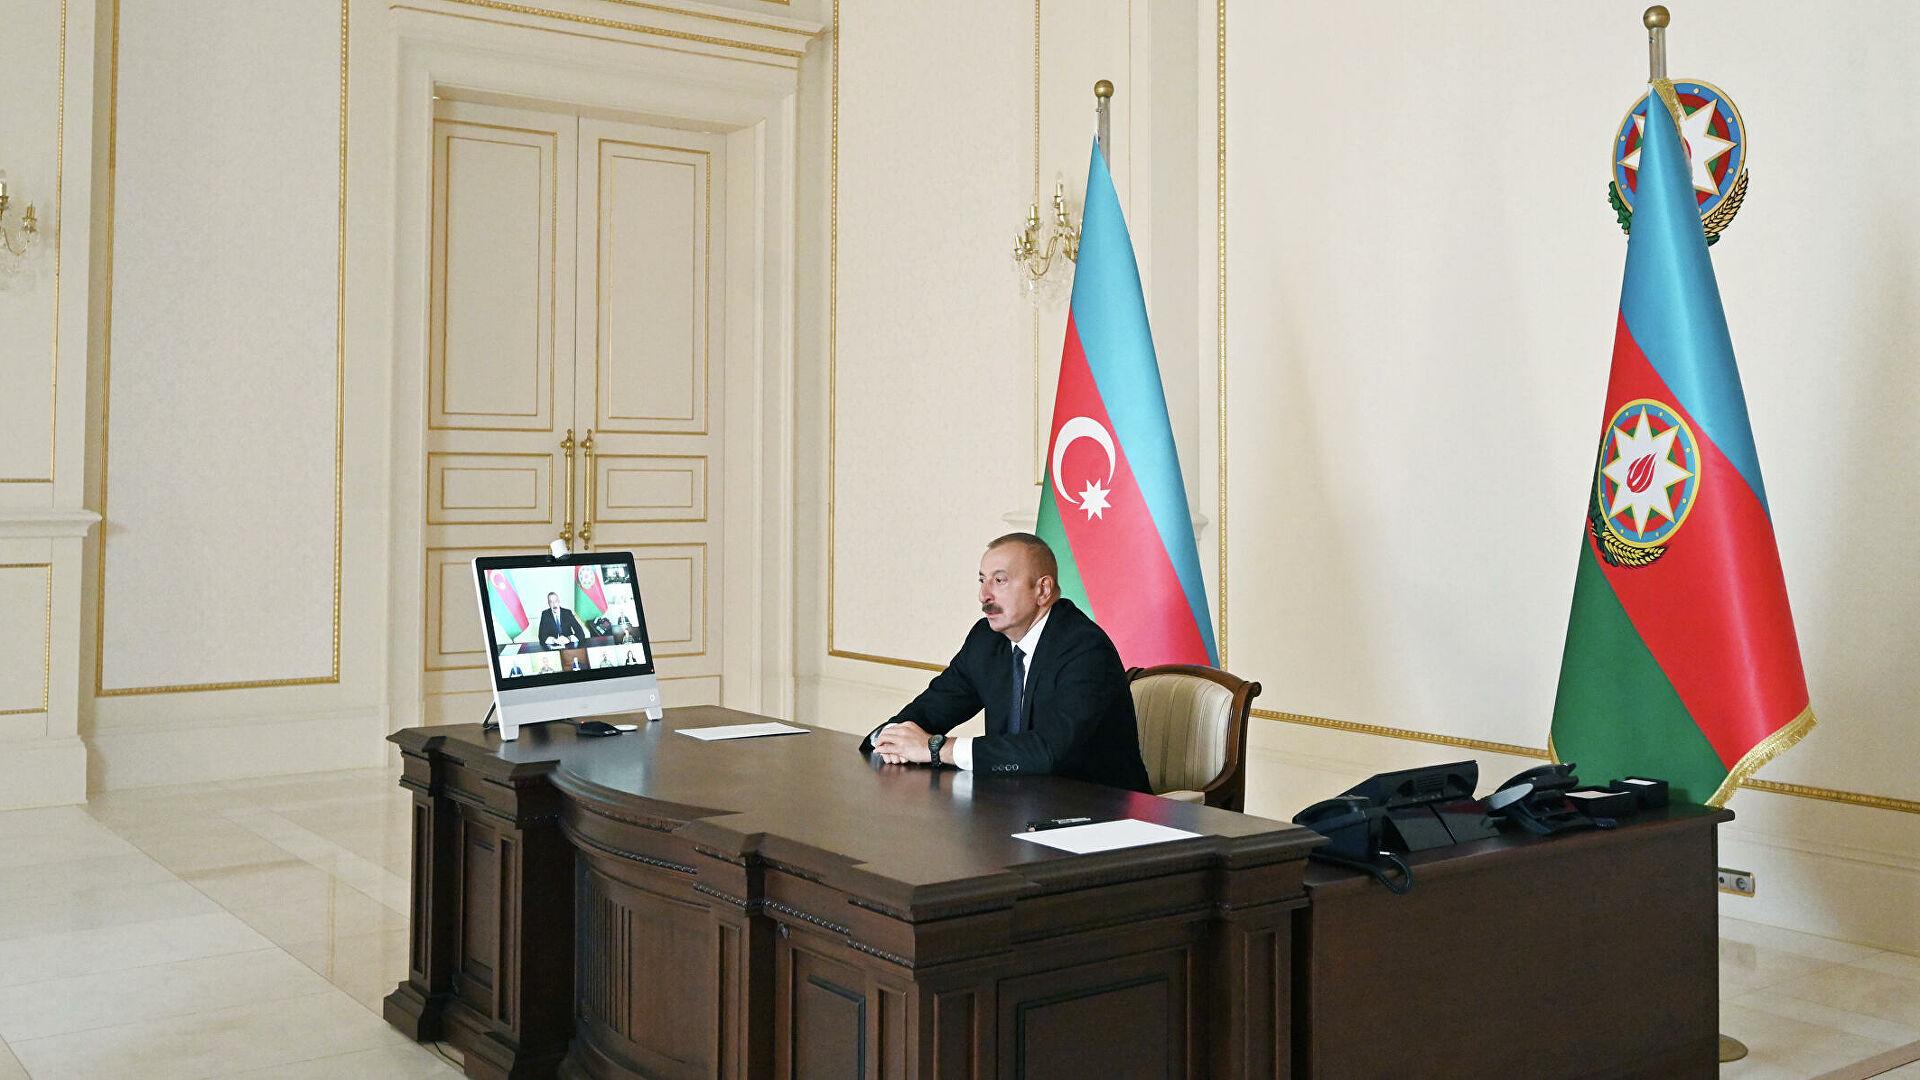 Алијев: Слање мировњака у регион требало би да се изврши на основу одобрења двеју држава - Јерменије и Азербејџана